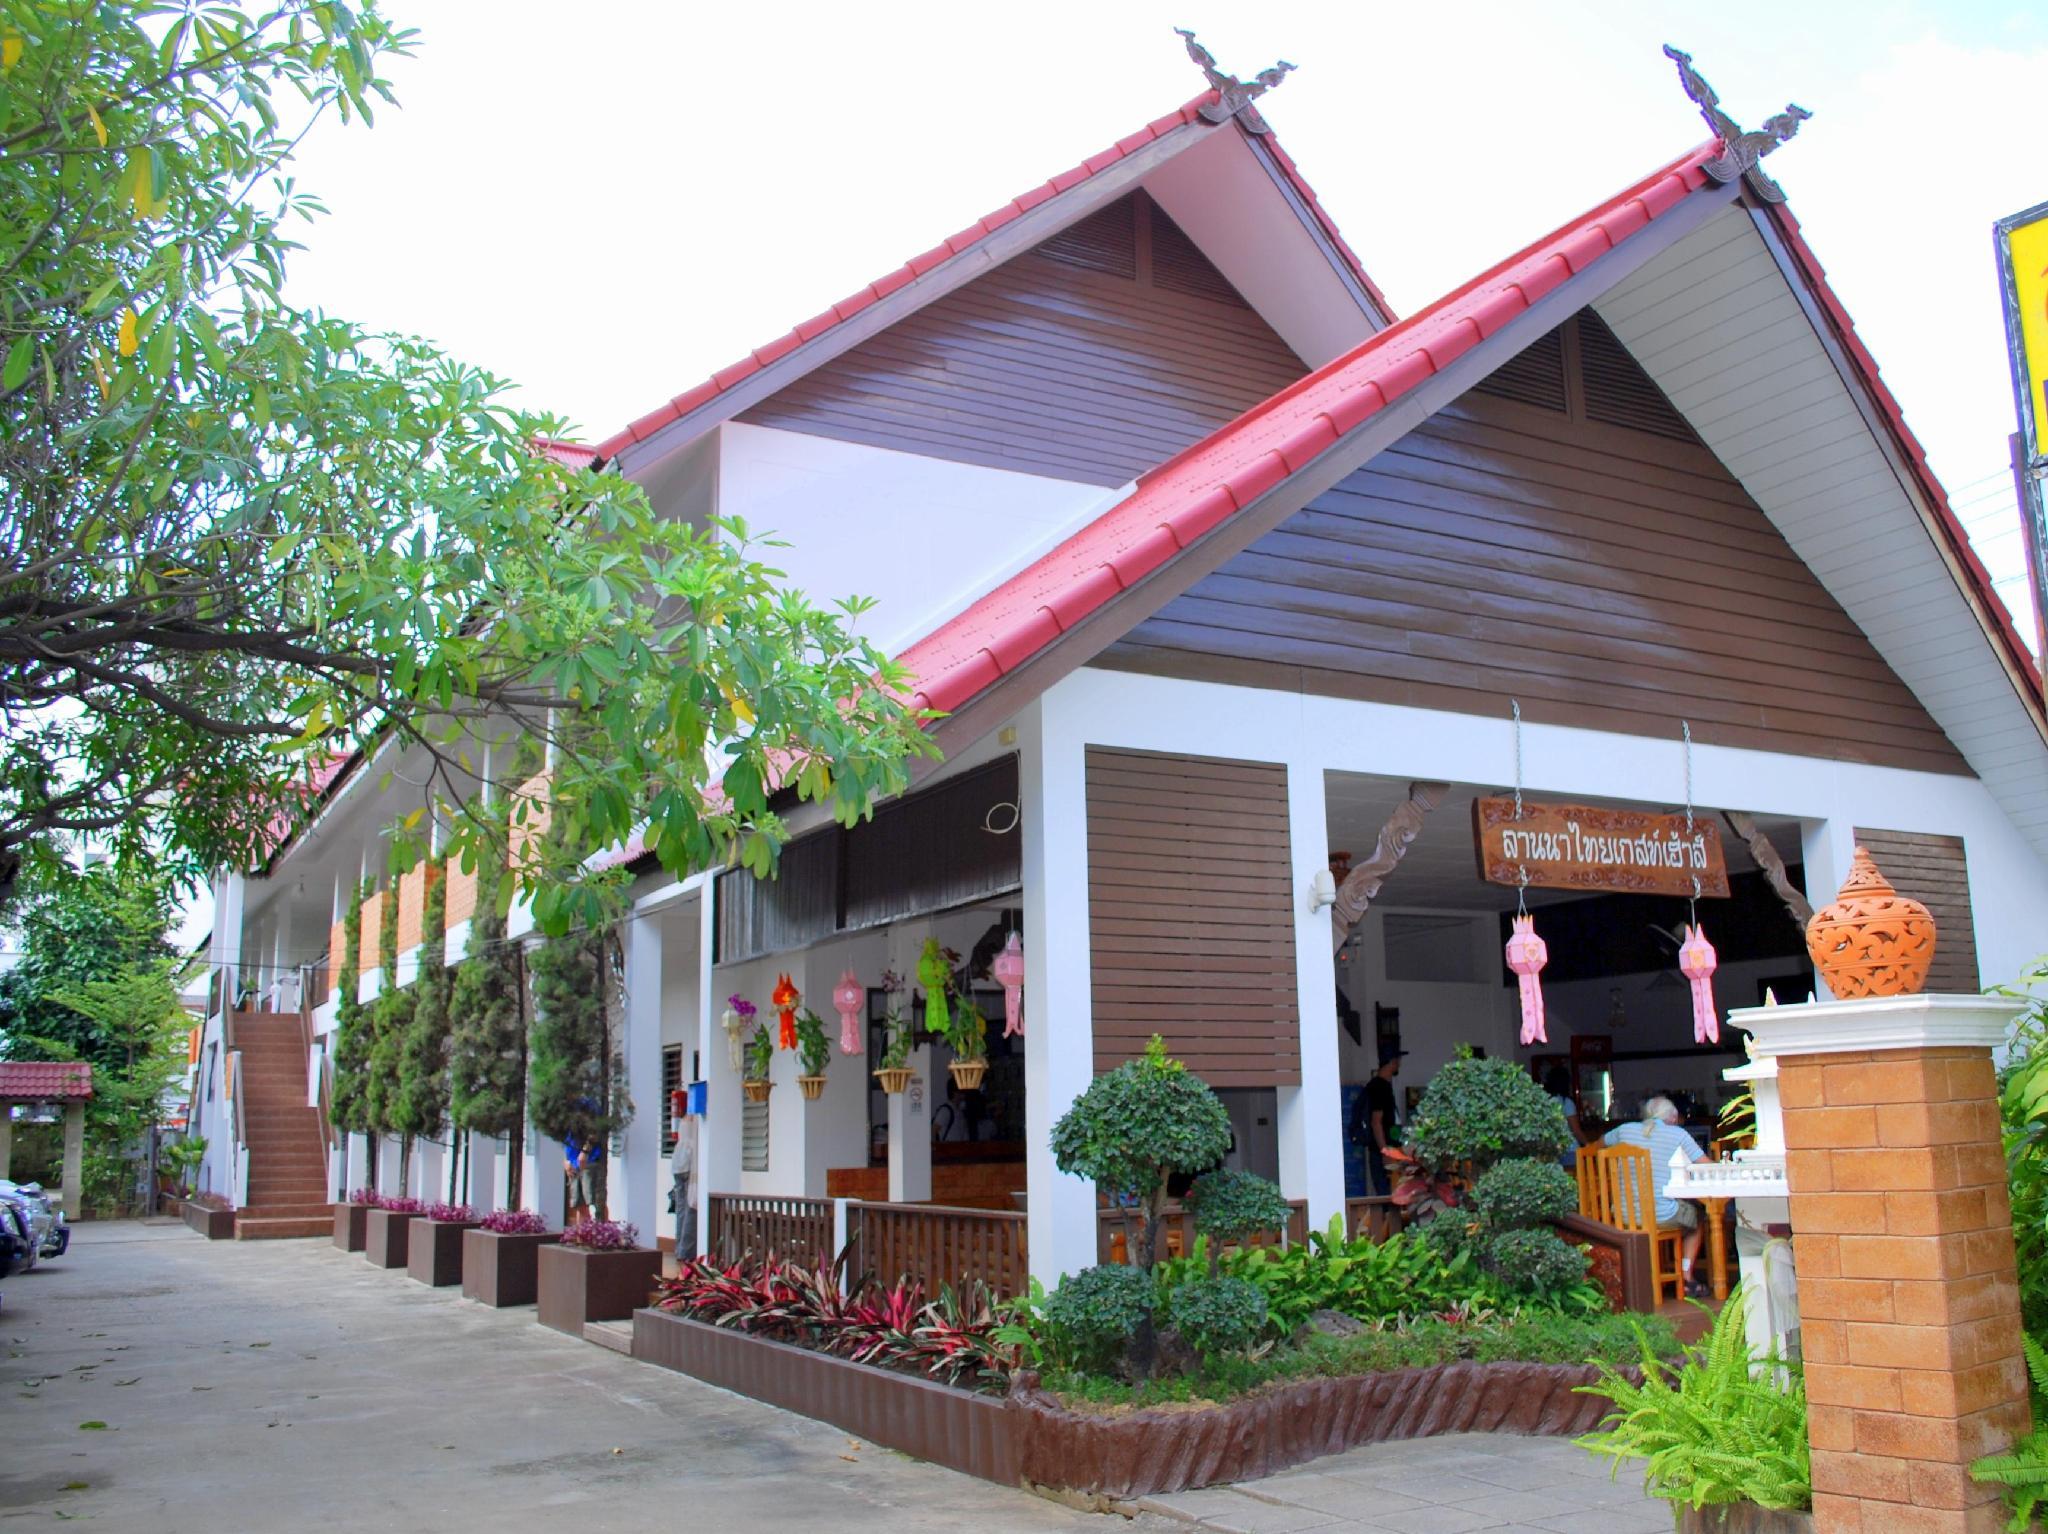 คลิกเลย ลานนา ไทย เกสท์เฮาส์ (Lanna Thai Guesthouse)